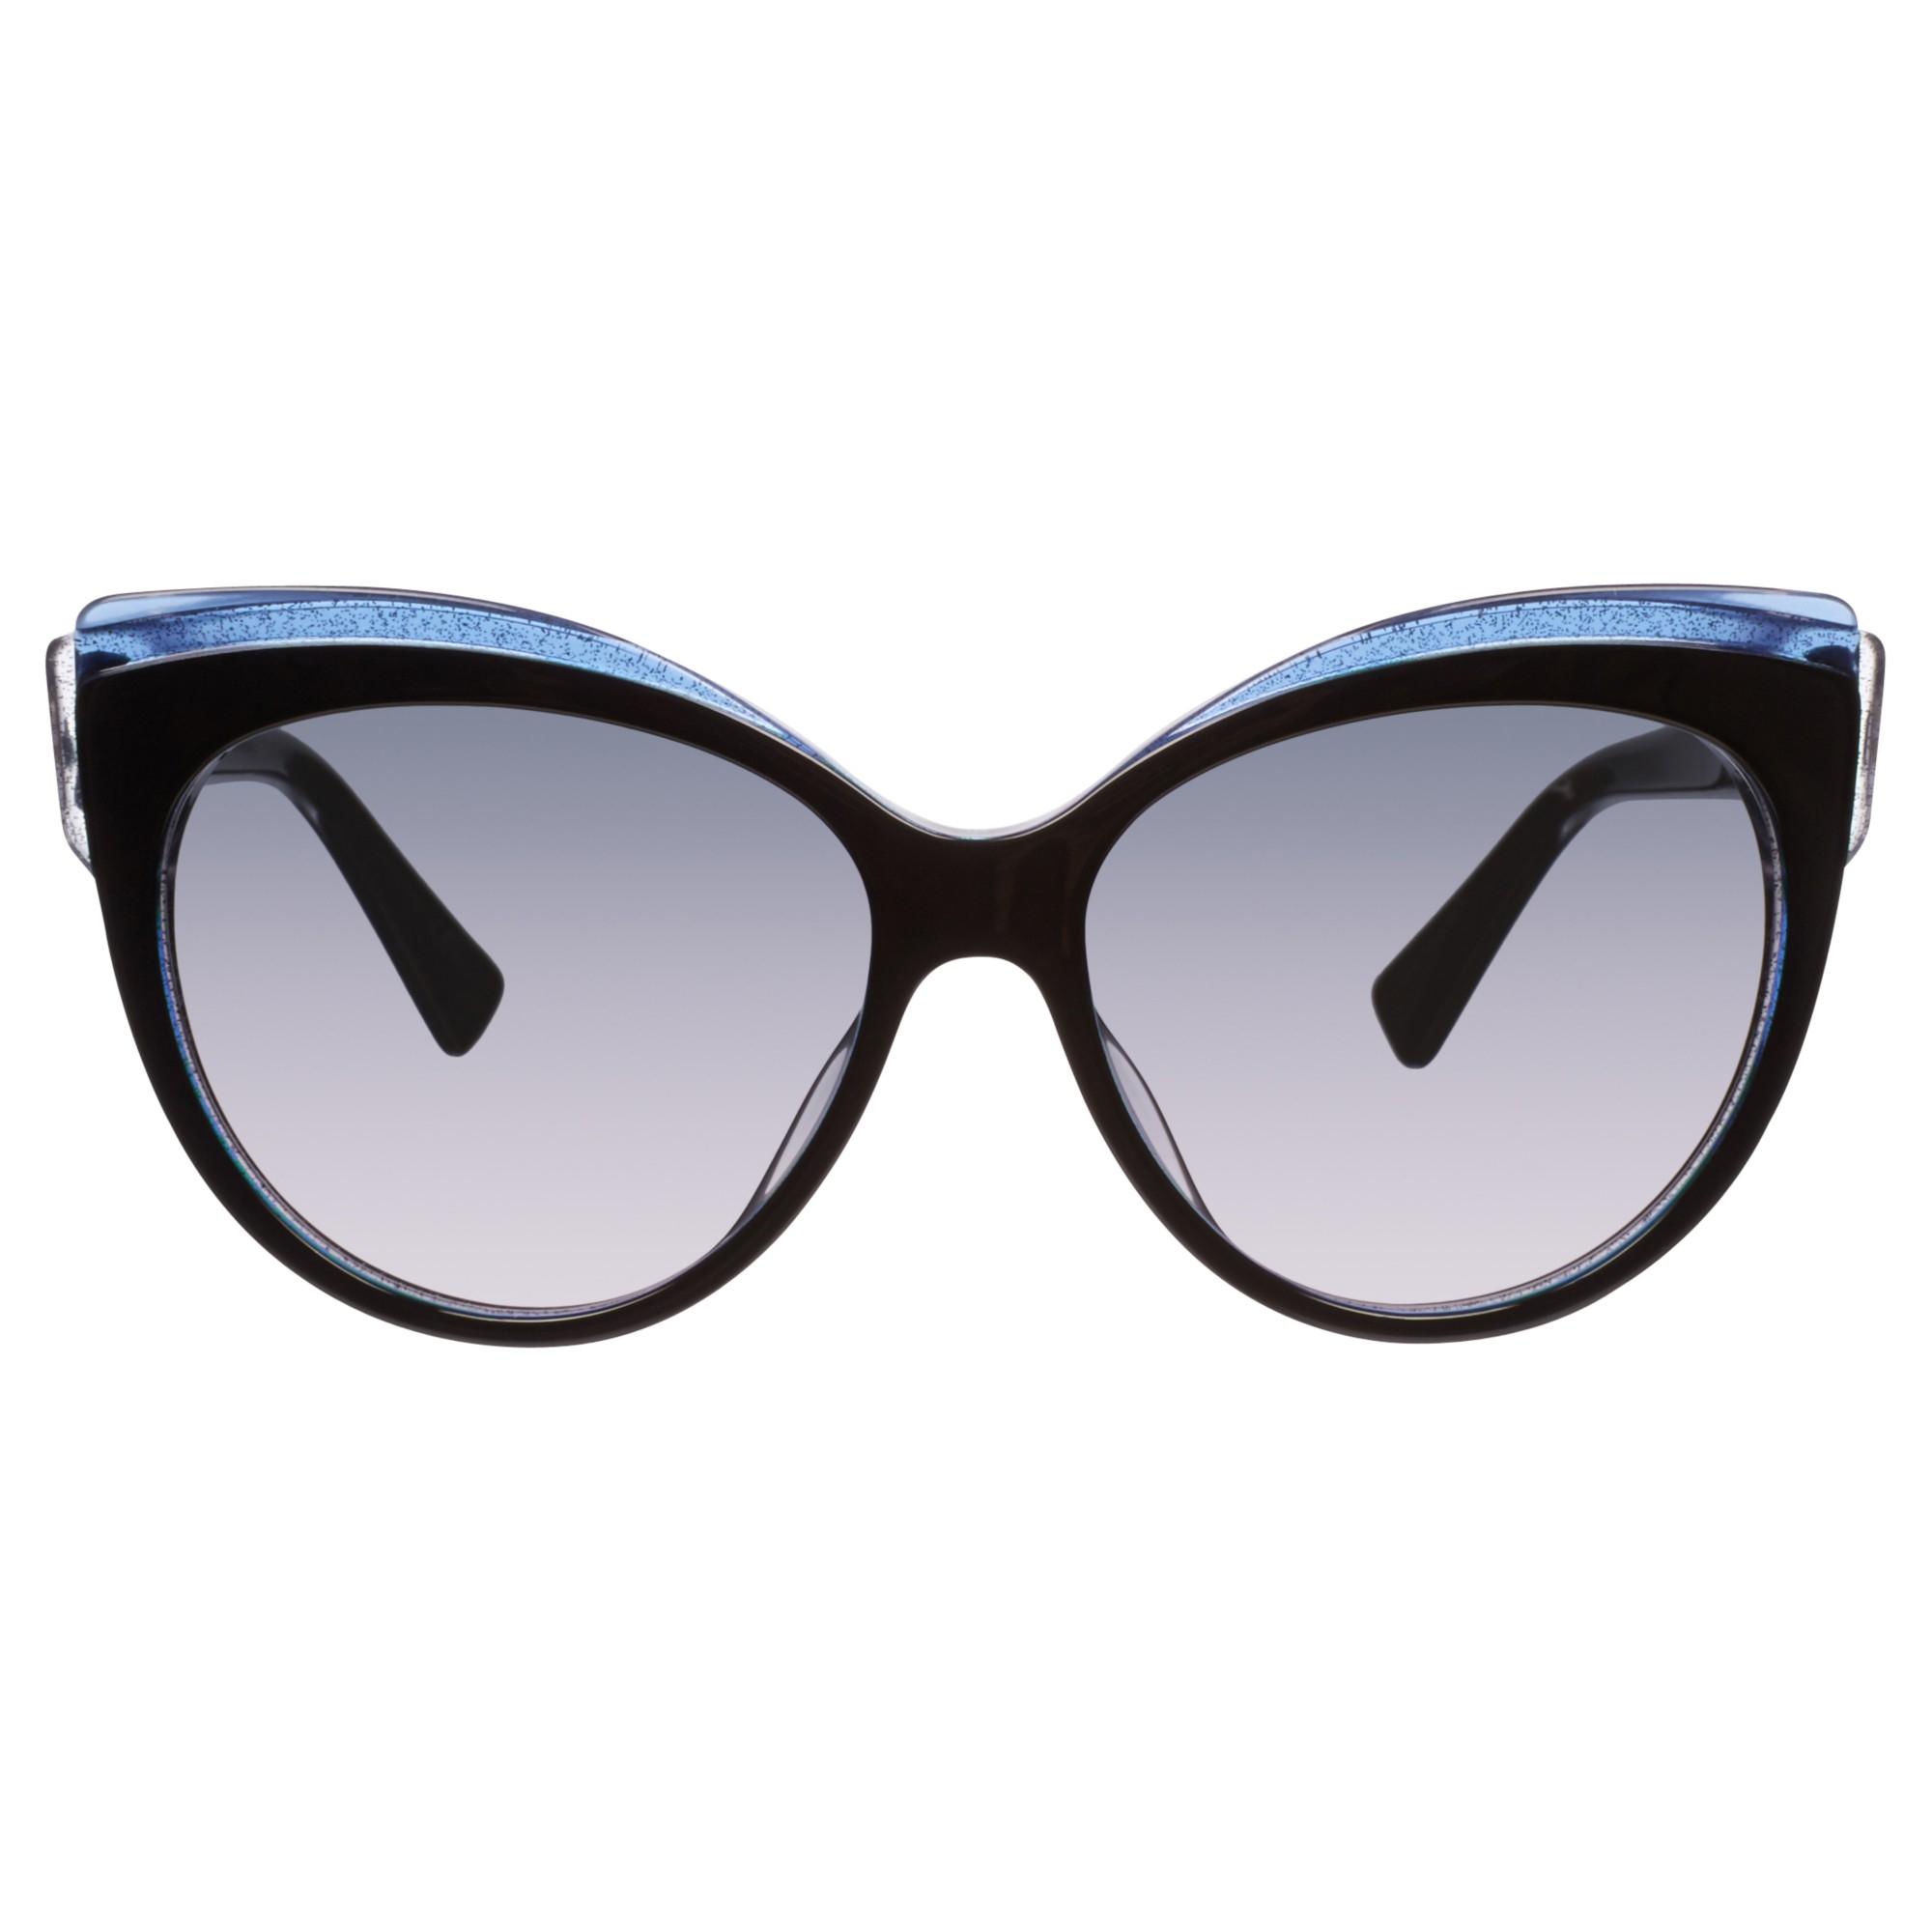 Dior Glisten 1 Cats Eye Plastic Frame Sunglasses in Black ...